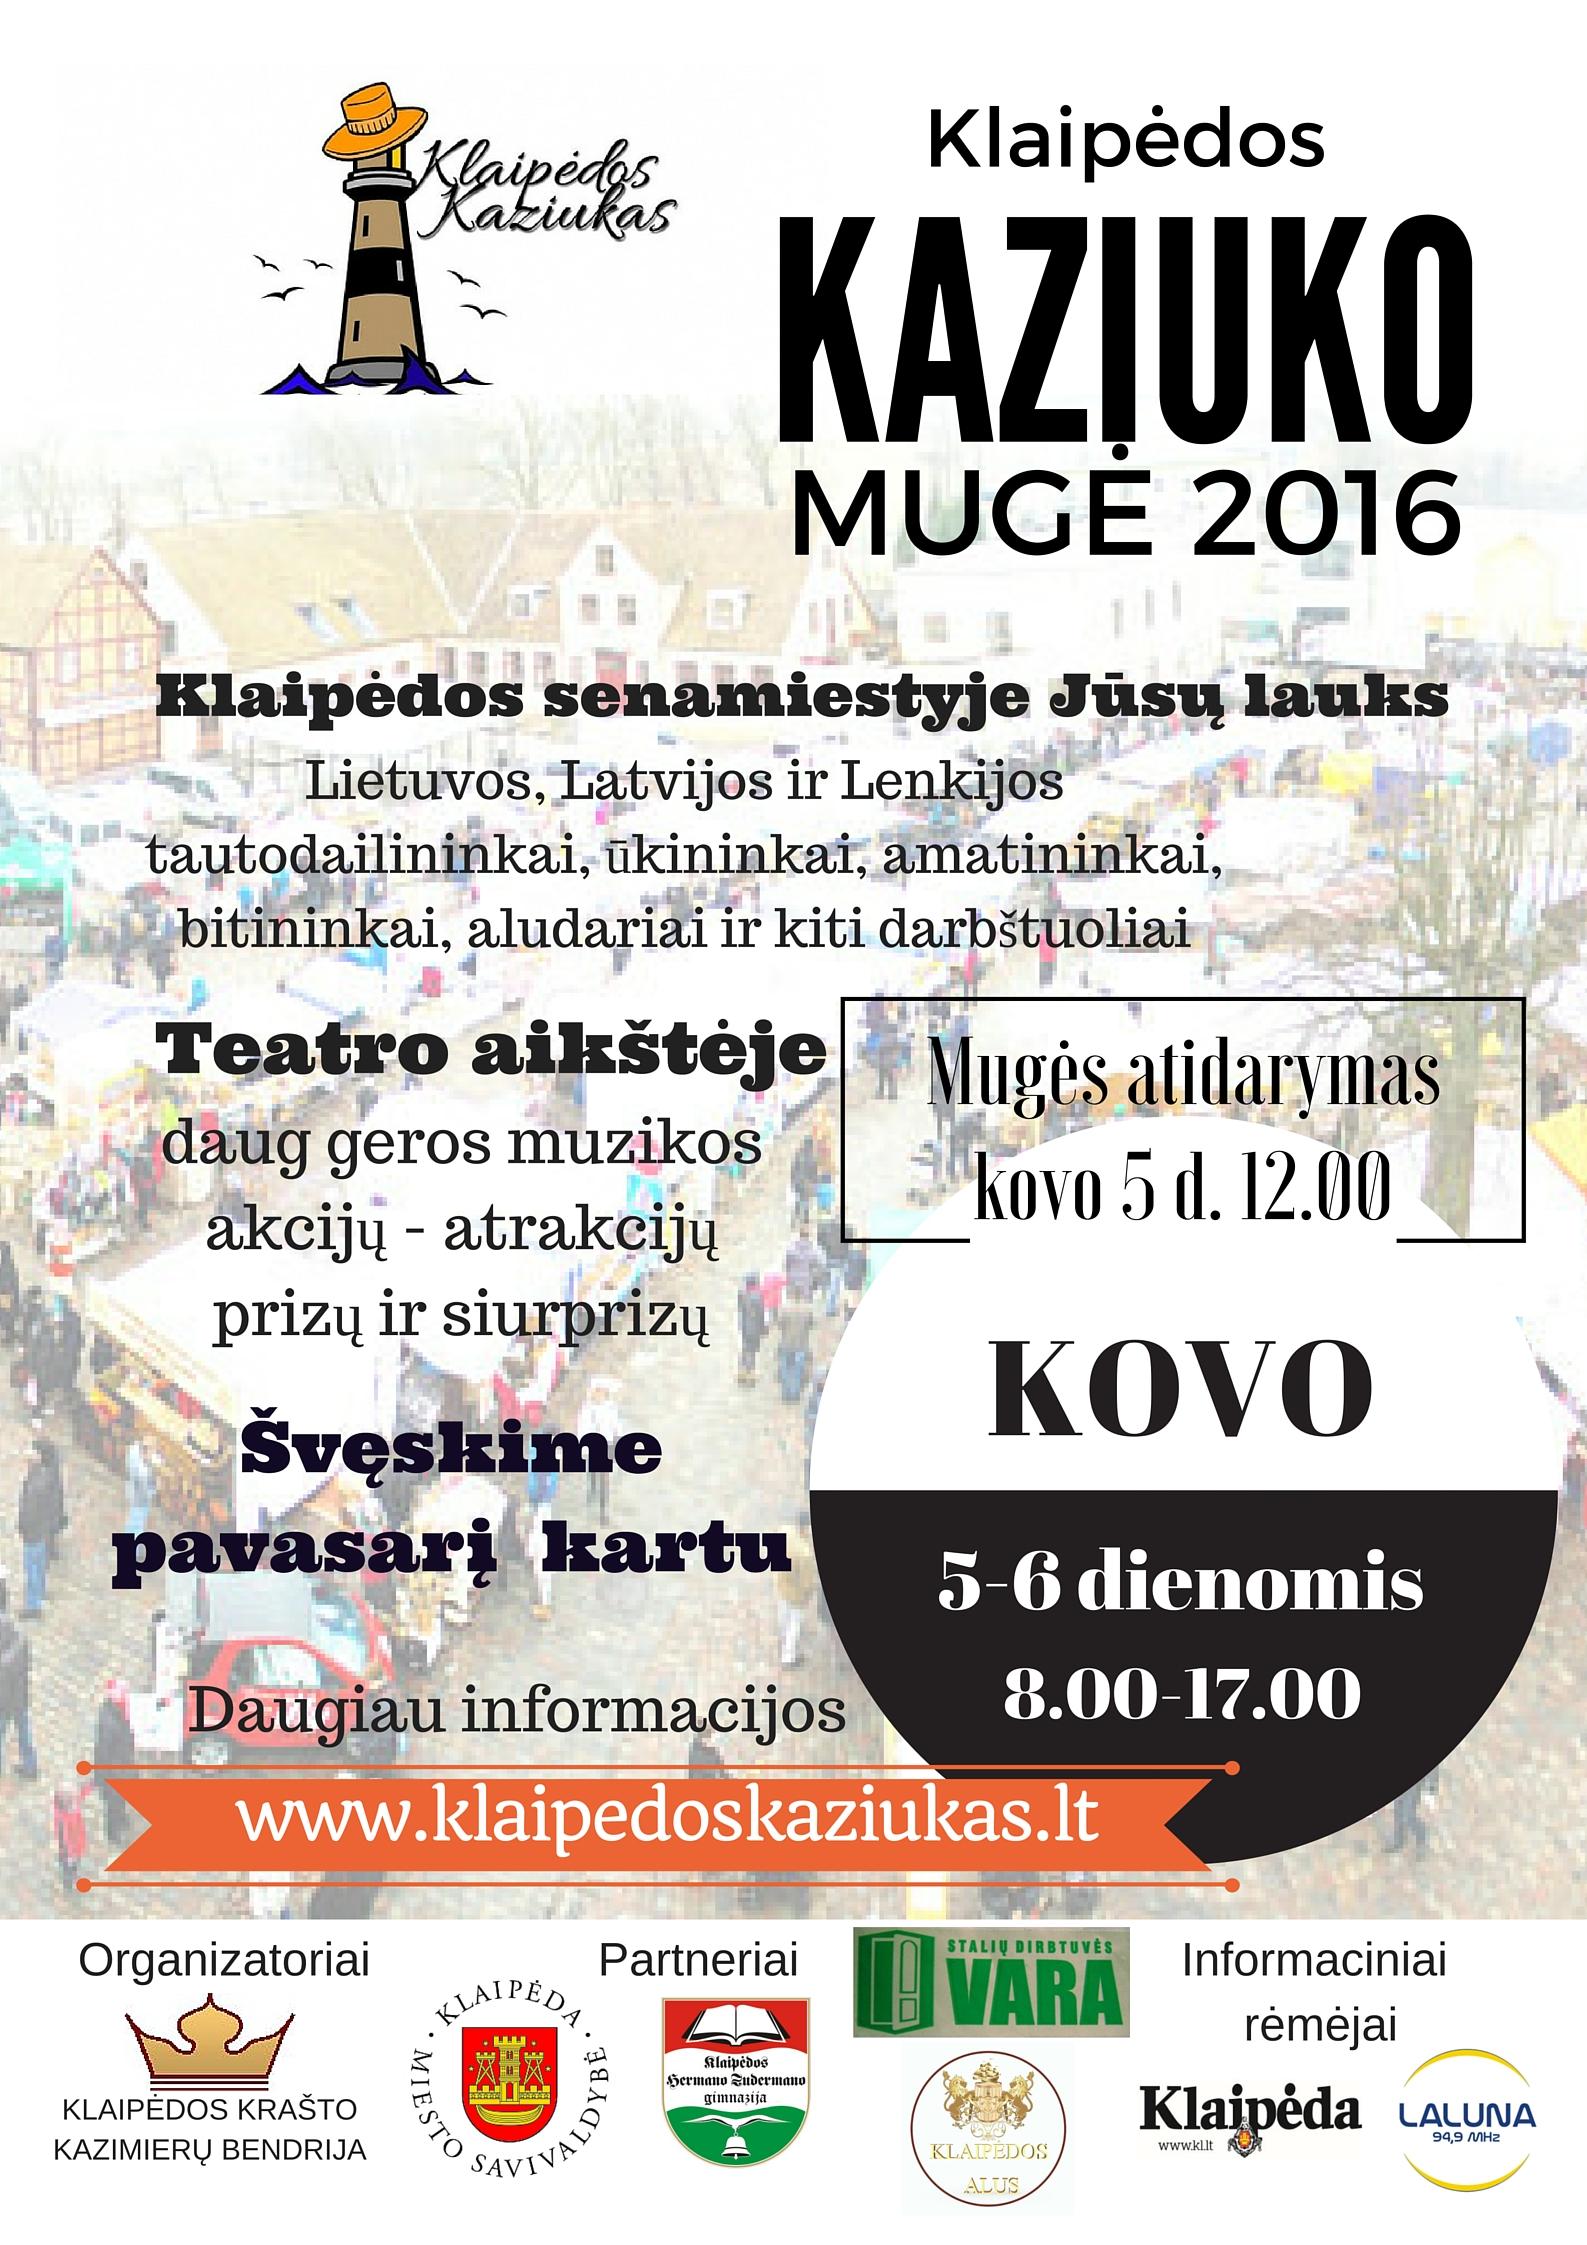 Kaziuko mugė 2016